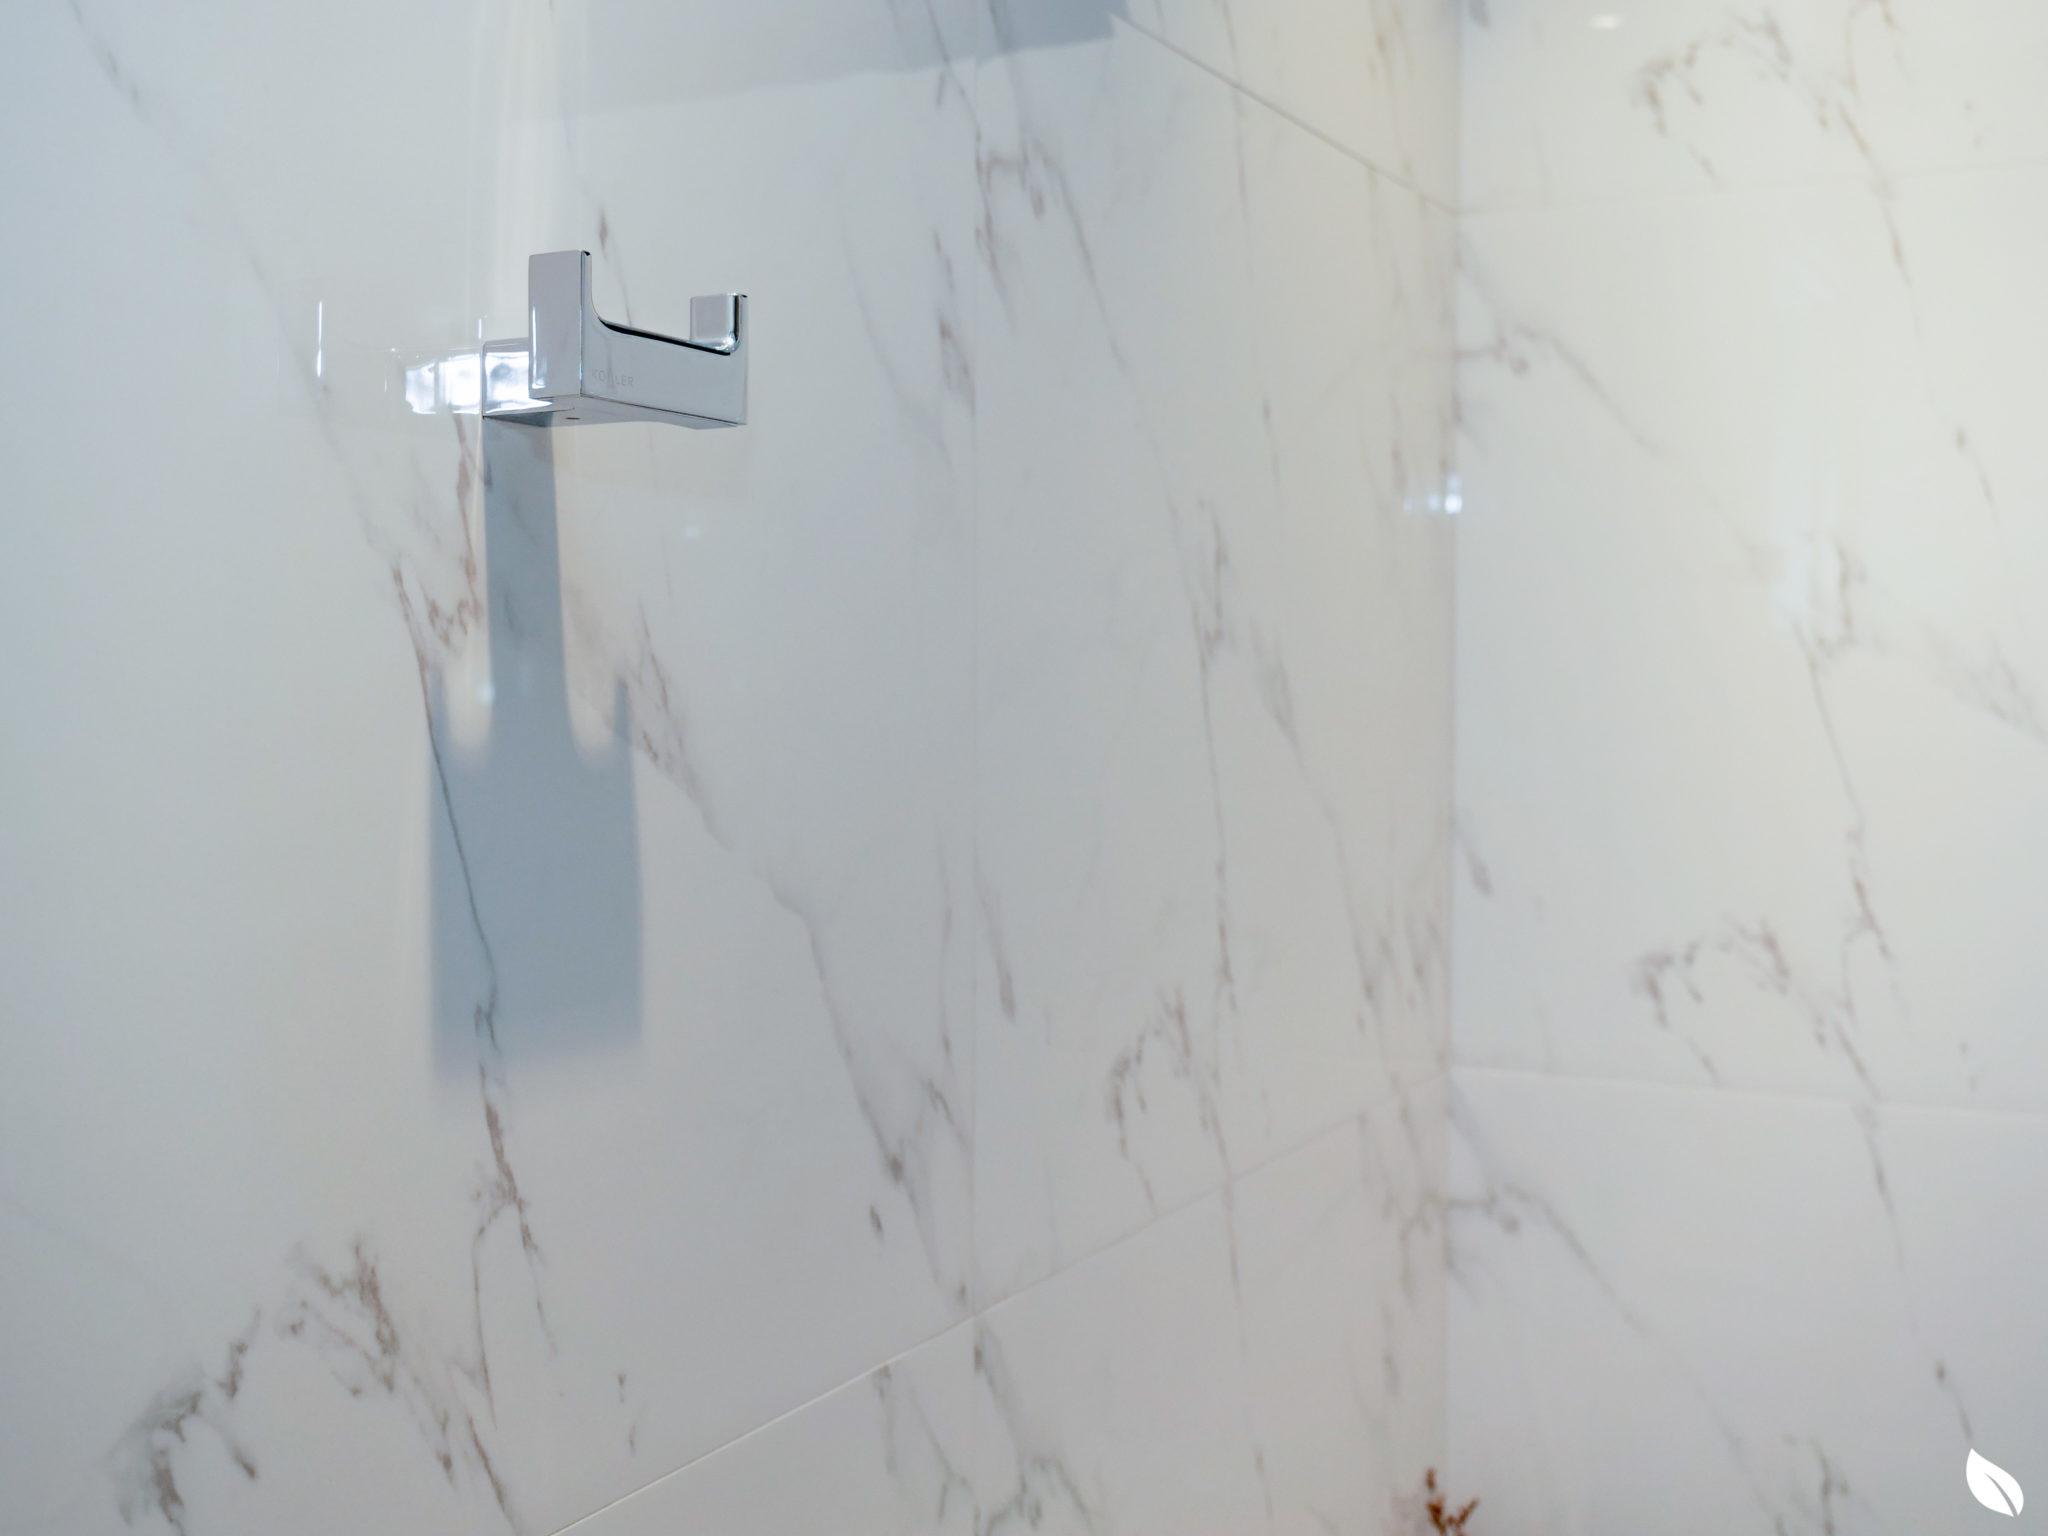 """4 ขั้นตอน """"รีโนเวทห้องน้ำขนาดเล็ก"""" ให้สวยใหม่ จบงานไวใน 2 วัน แบบปูกระเบื้องทับ ไม่ต้องรื้อ 66 - bathroom"""